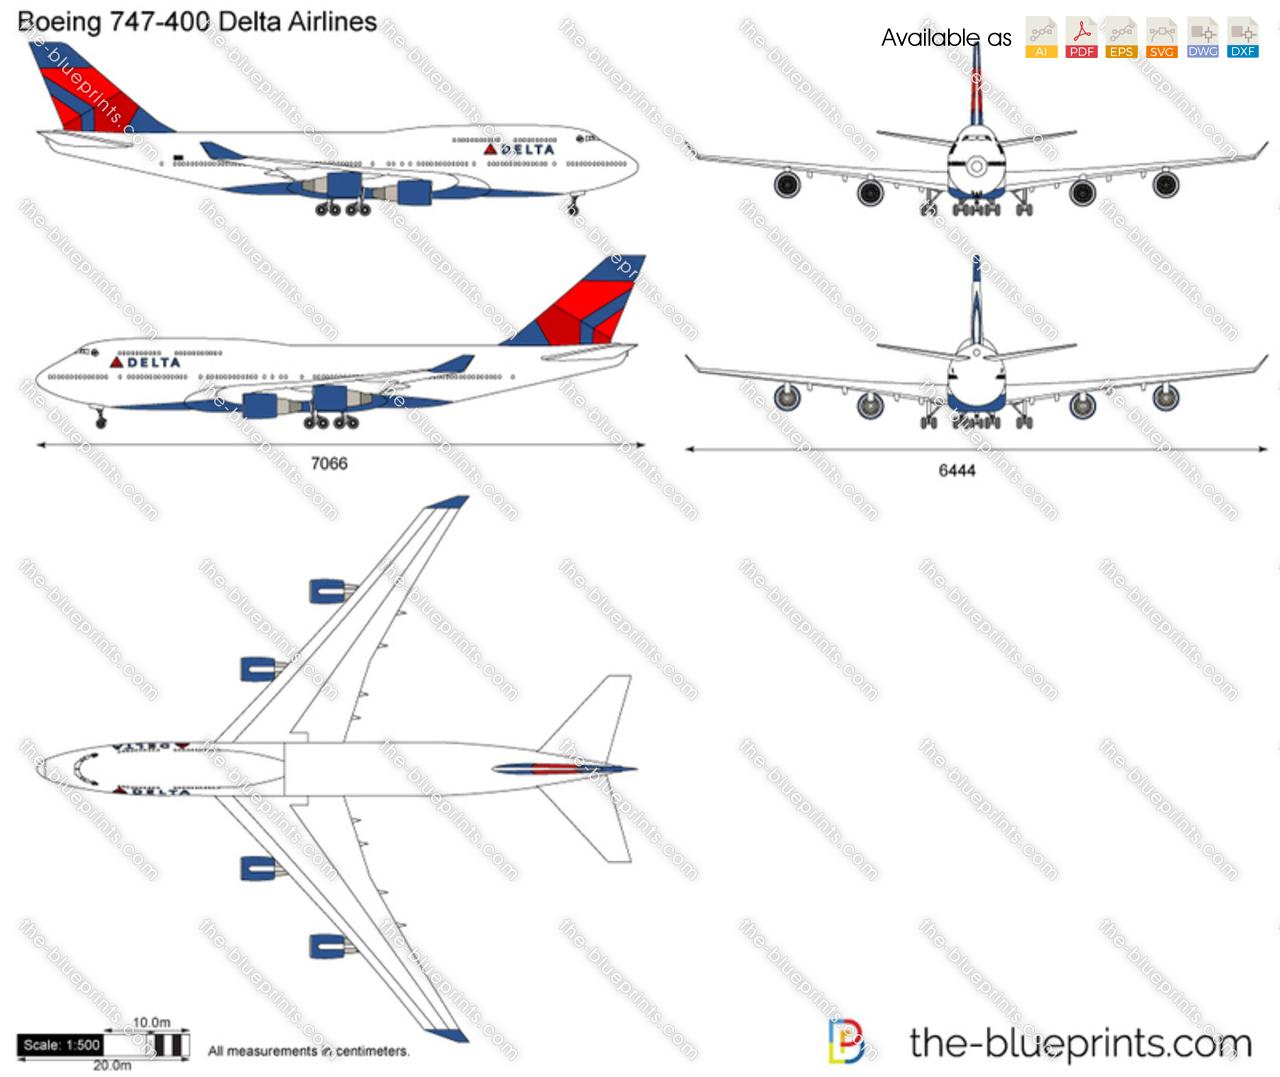 Boeing 747-400 Delta Airlines